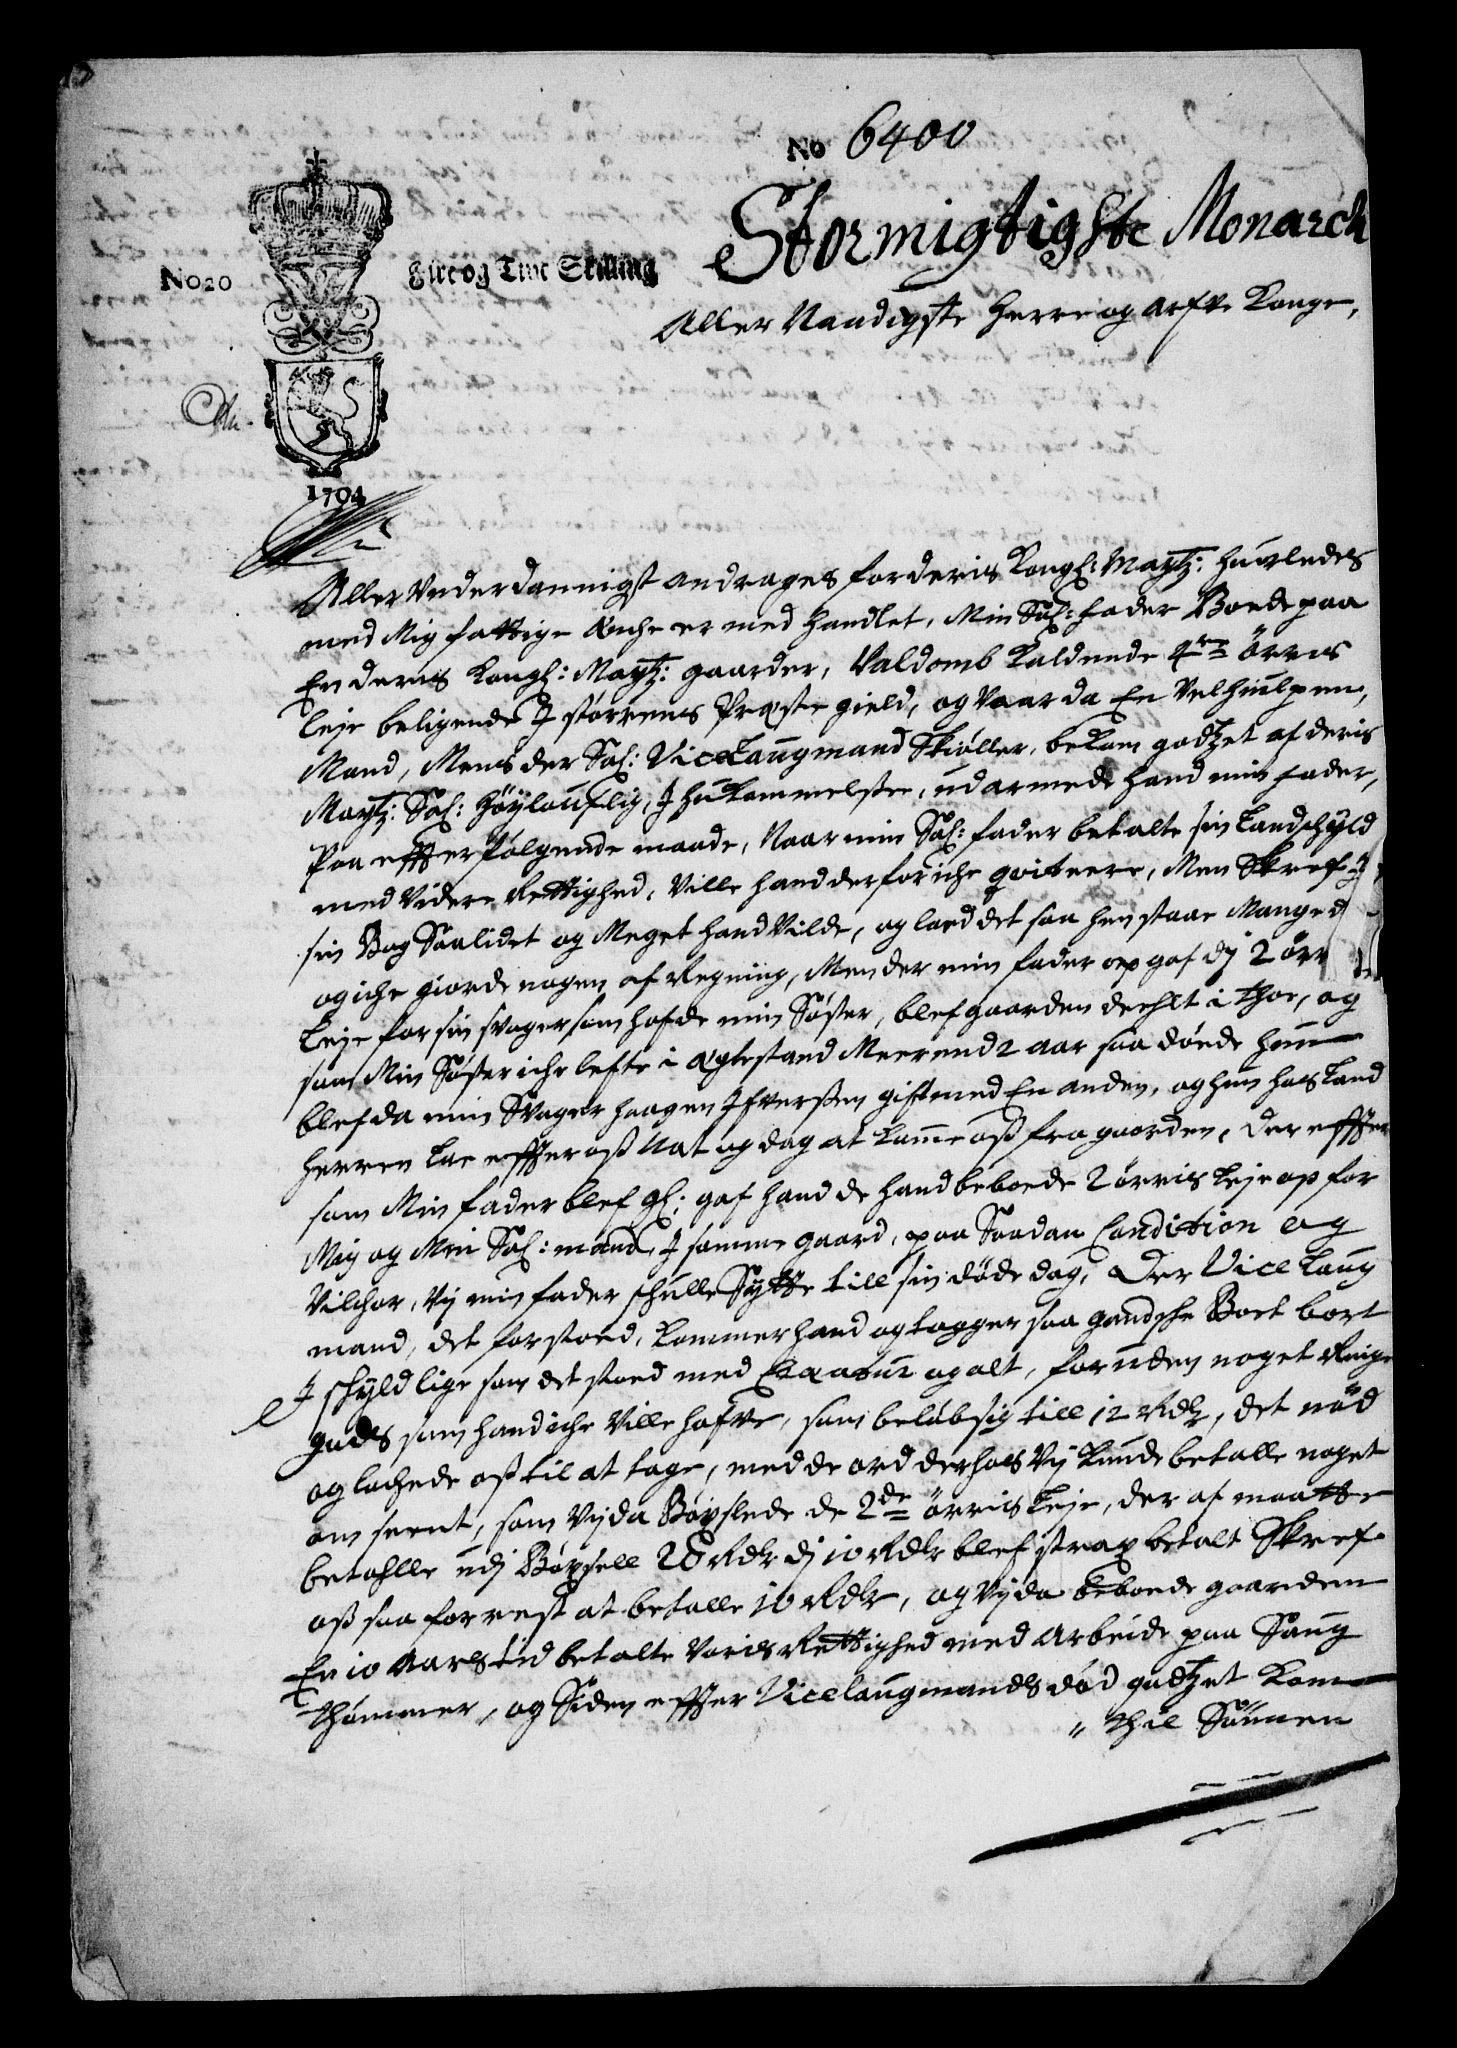 RA, Rentekammeret inntil 1814, Realistisk ordnet avdeling, On/L0013: [Jj 14]: Forskjellige dokumenter om krongodset i Norge, 1672-1722, s. 154